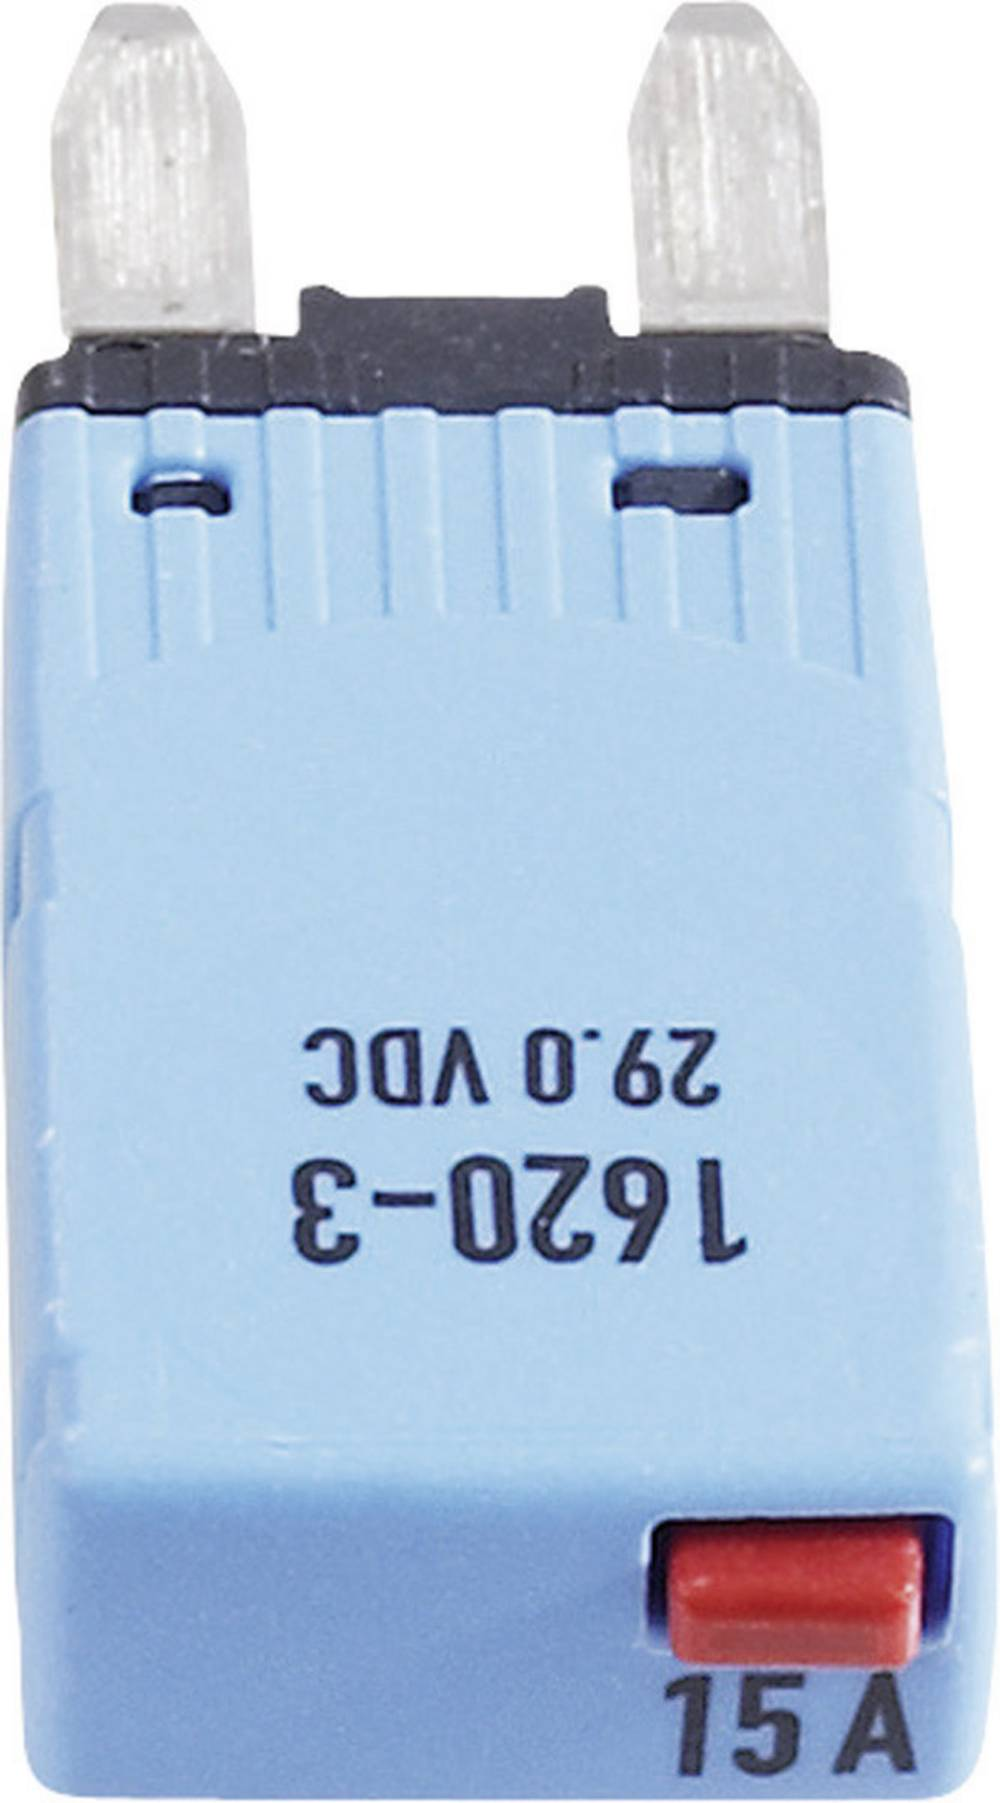 Avtomobilska mini ploščata varovalka, avtomatska 15 A